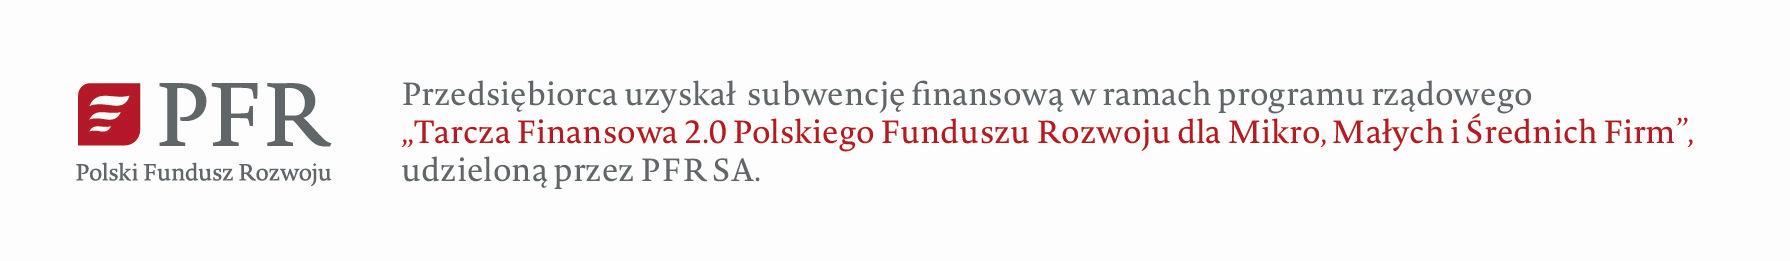 plansza_informacyjna_PFR_poziom